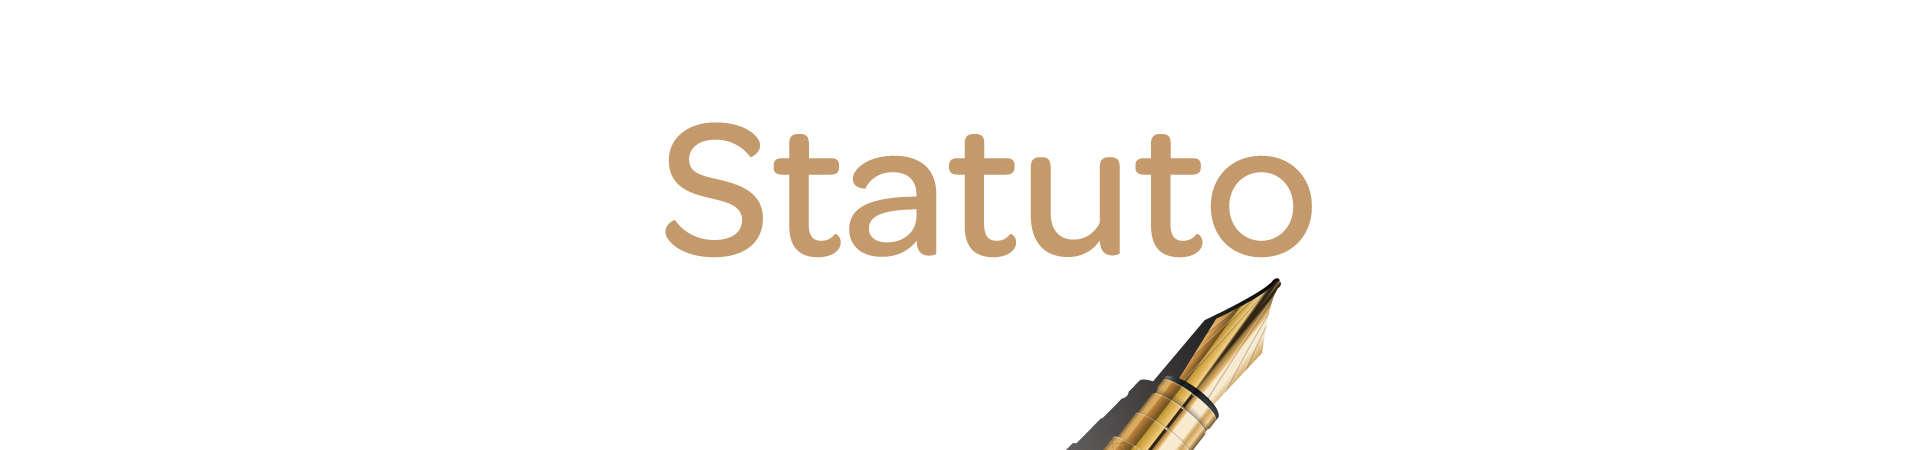 06 Statuto